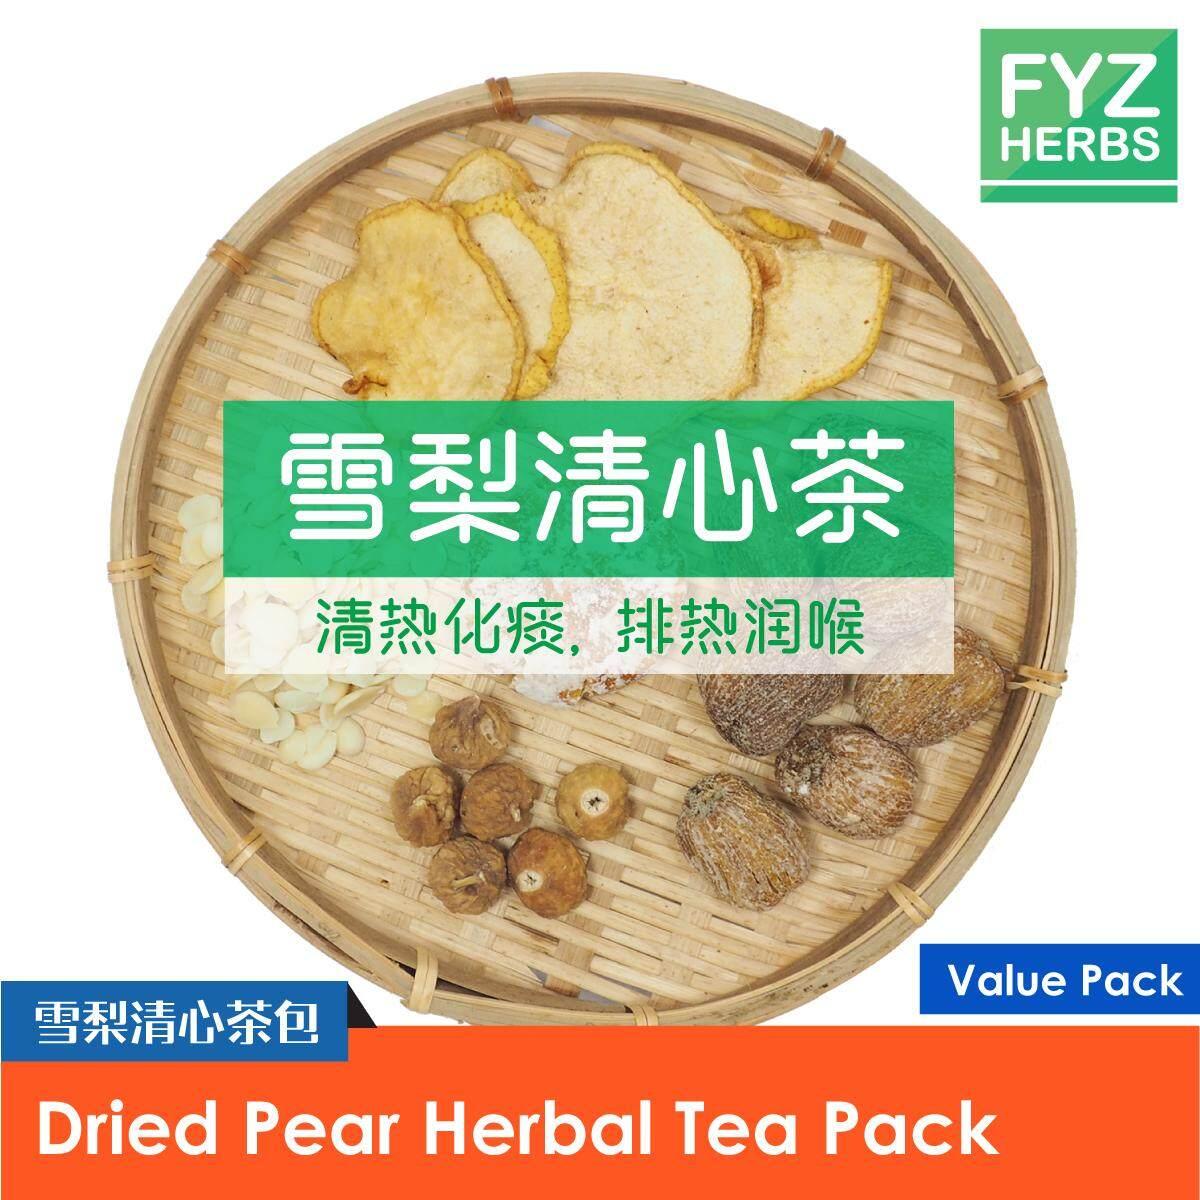 FYZ Herbs Dried Pear Herbal Tea Pack 雪梨清心茶